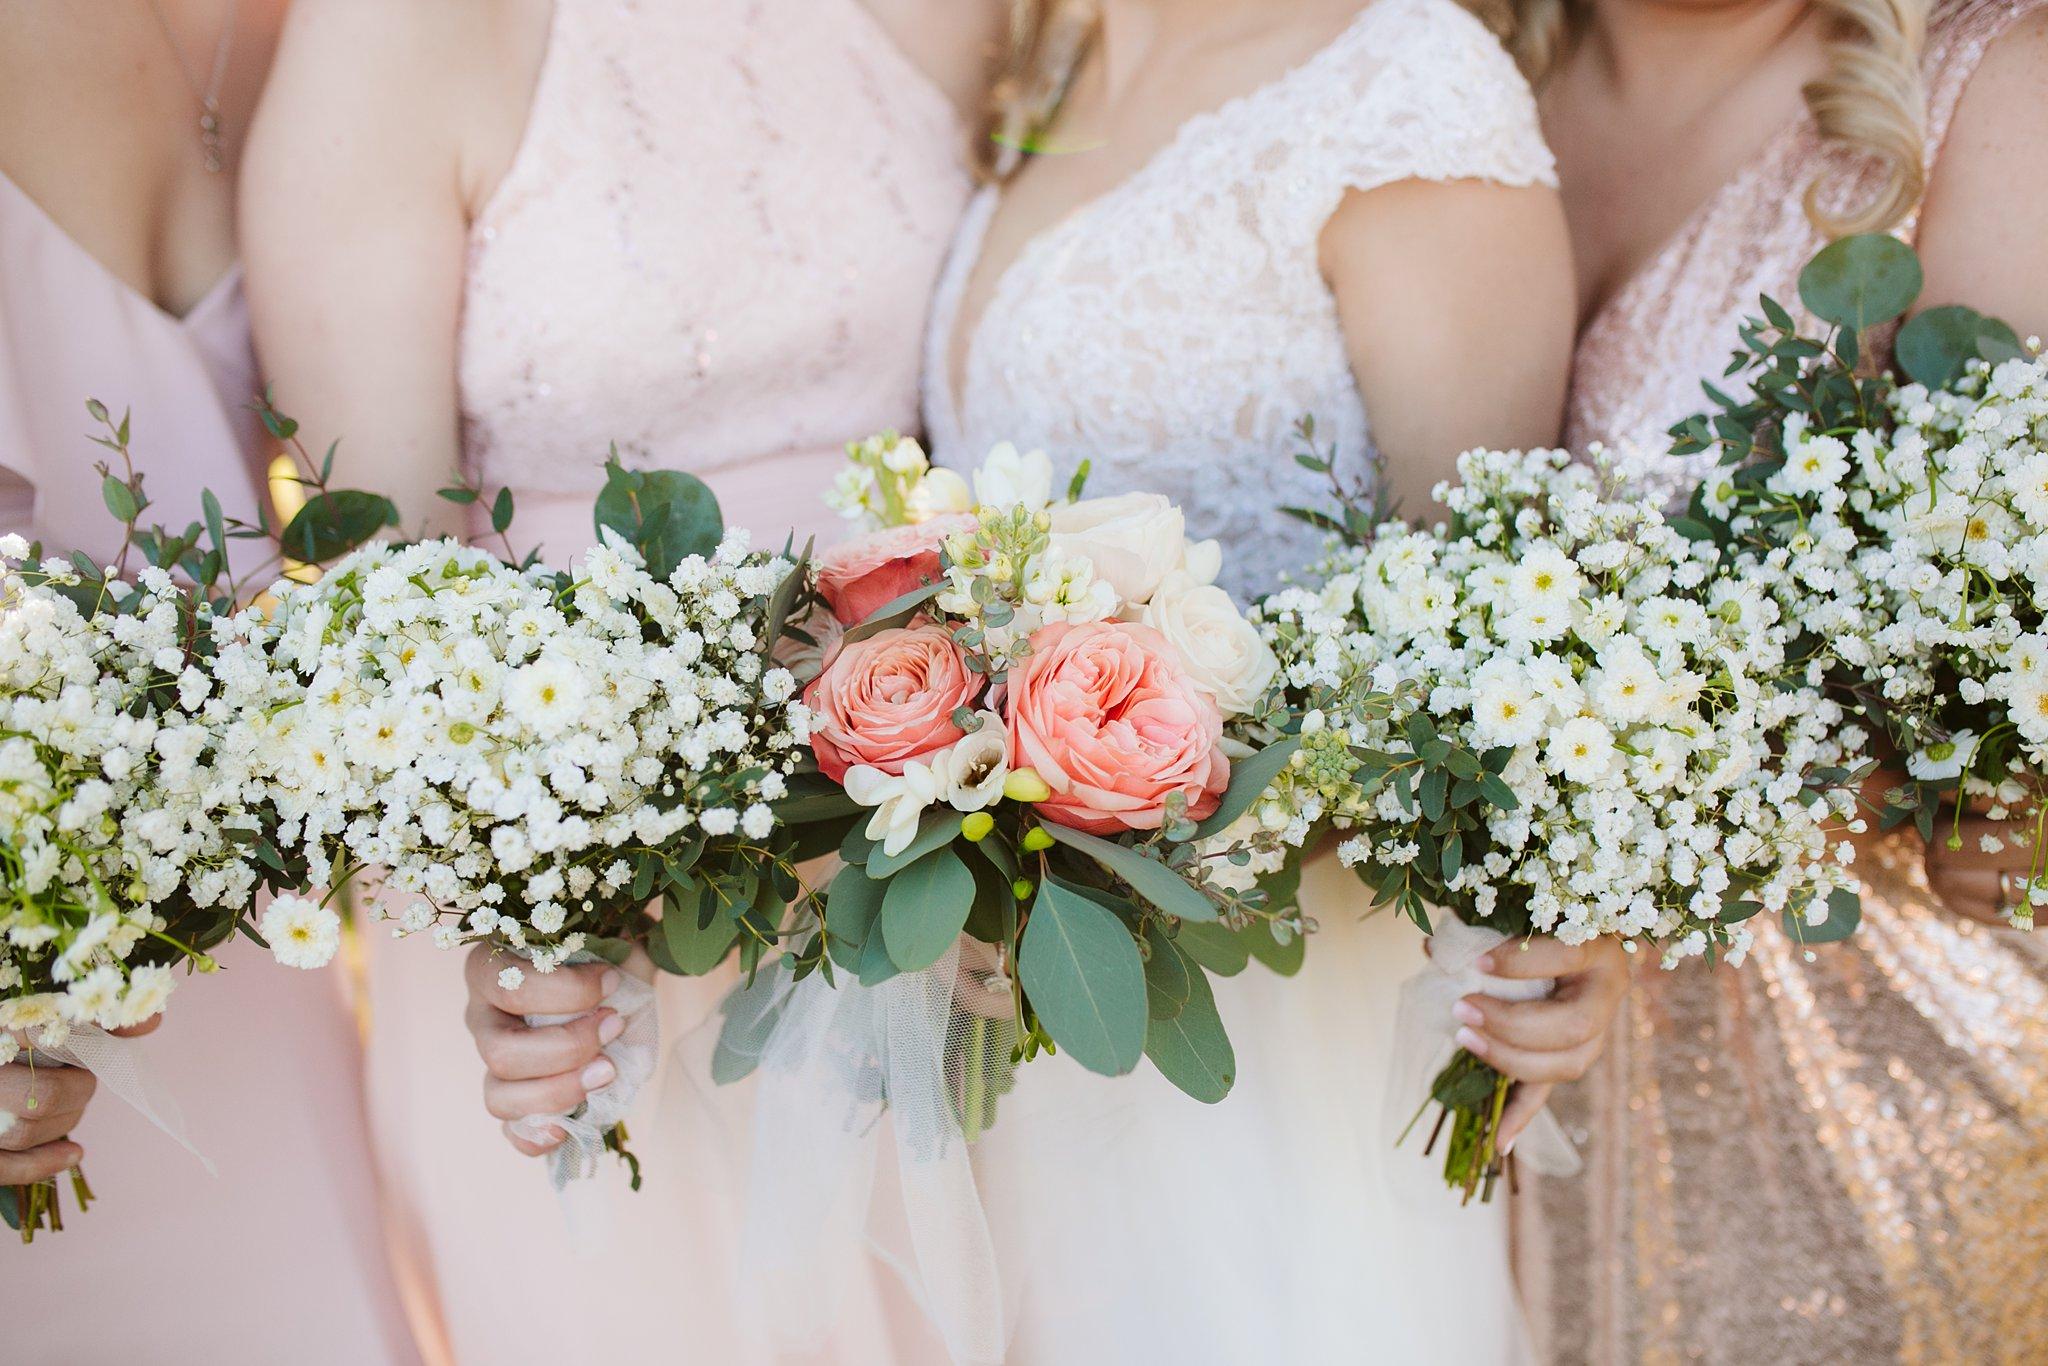 wedding bouquet detail picture